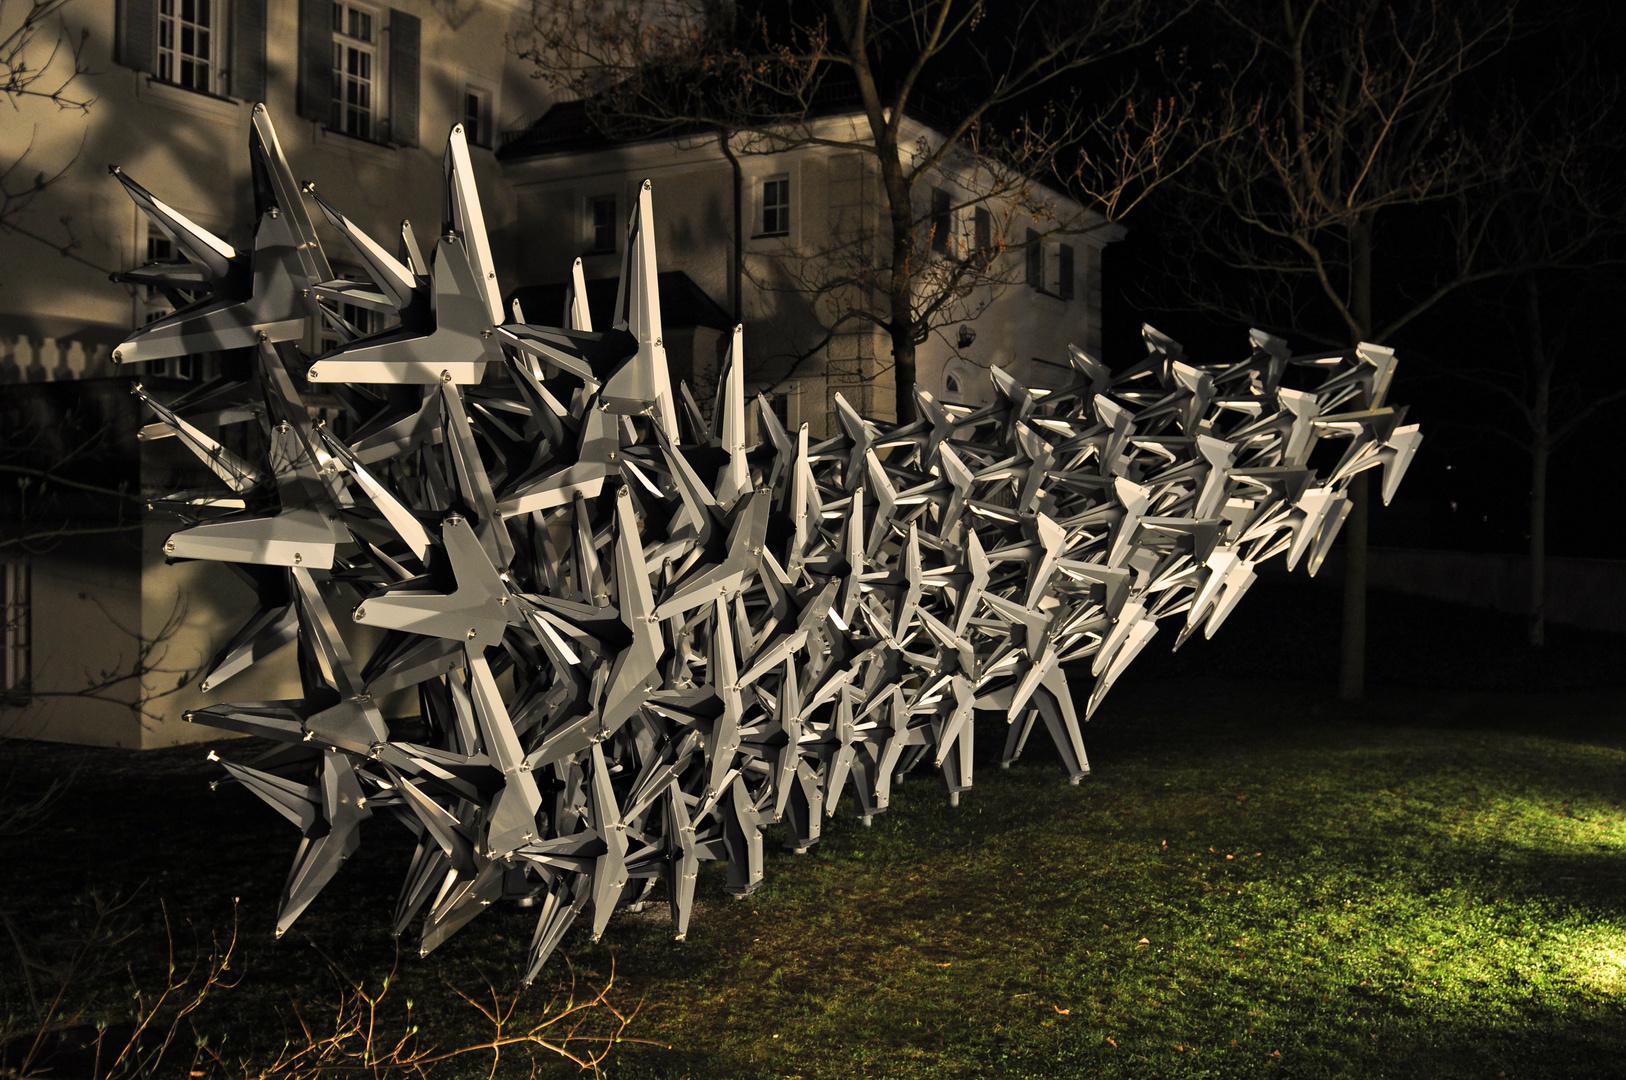 The Swarm ...